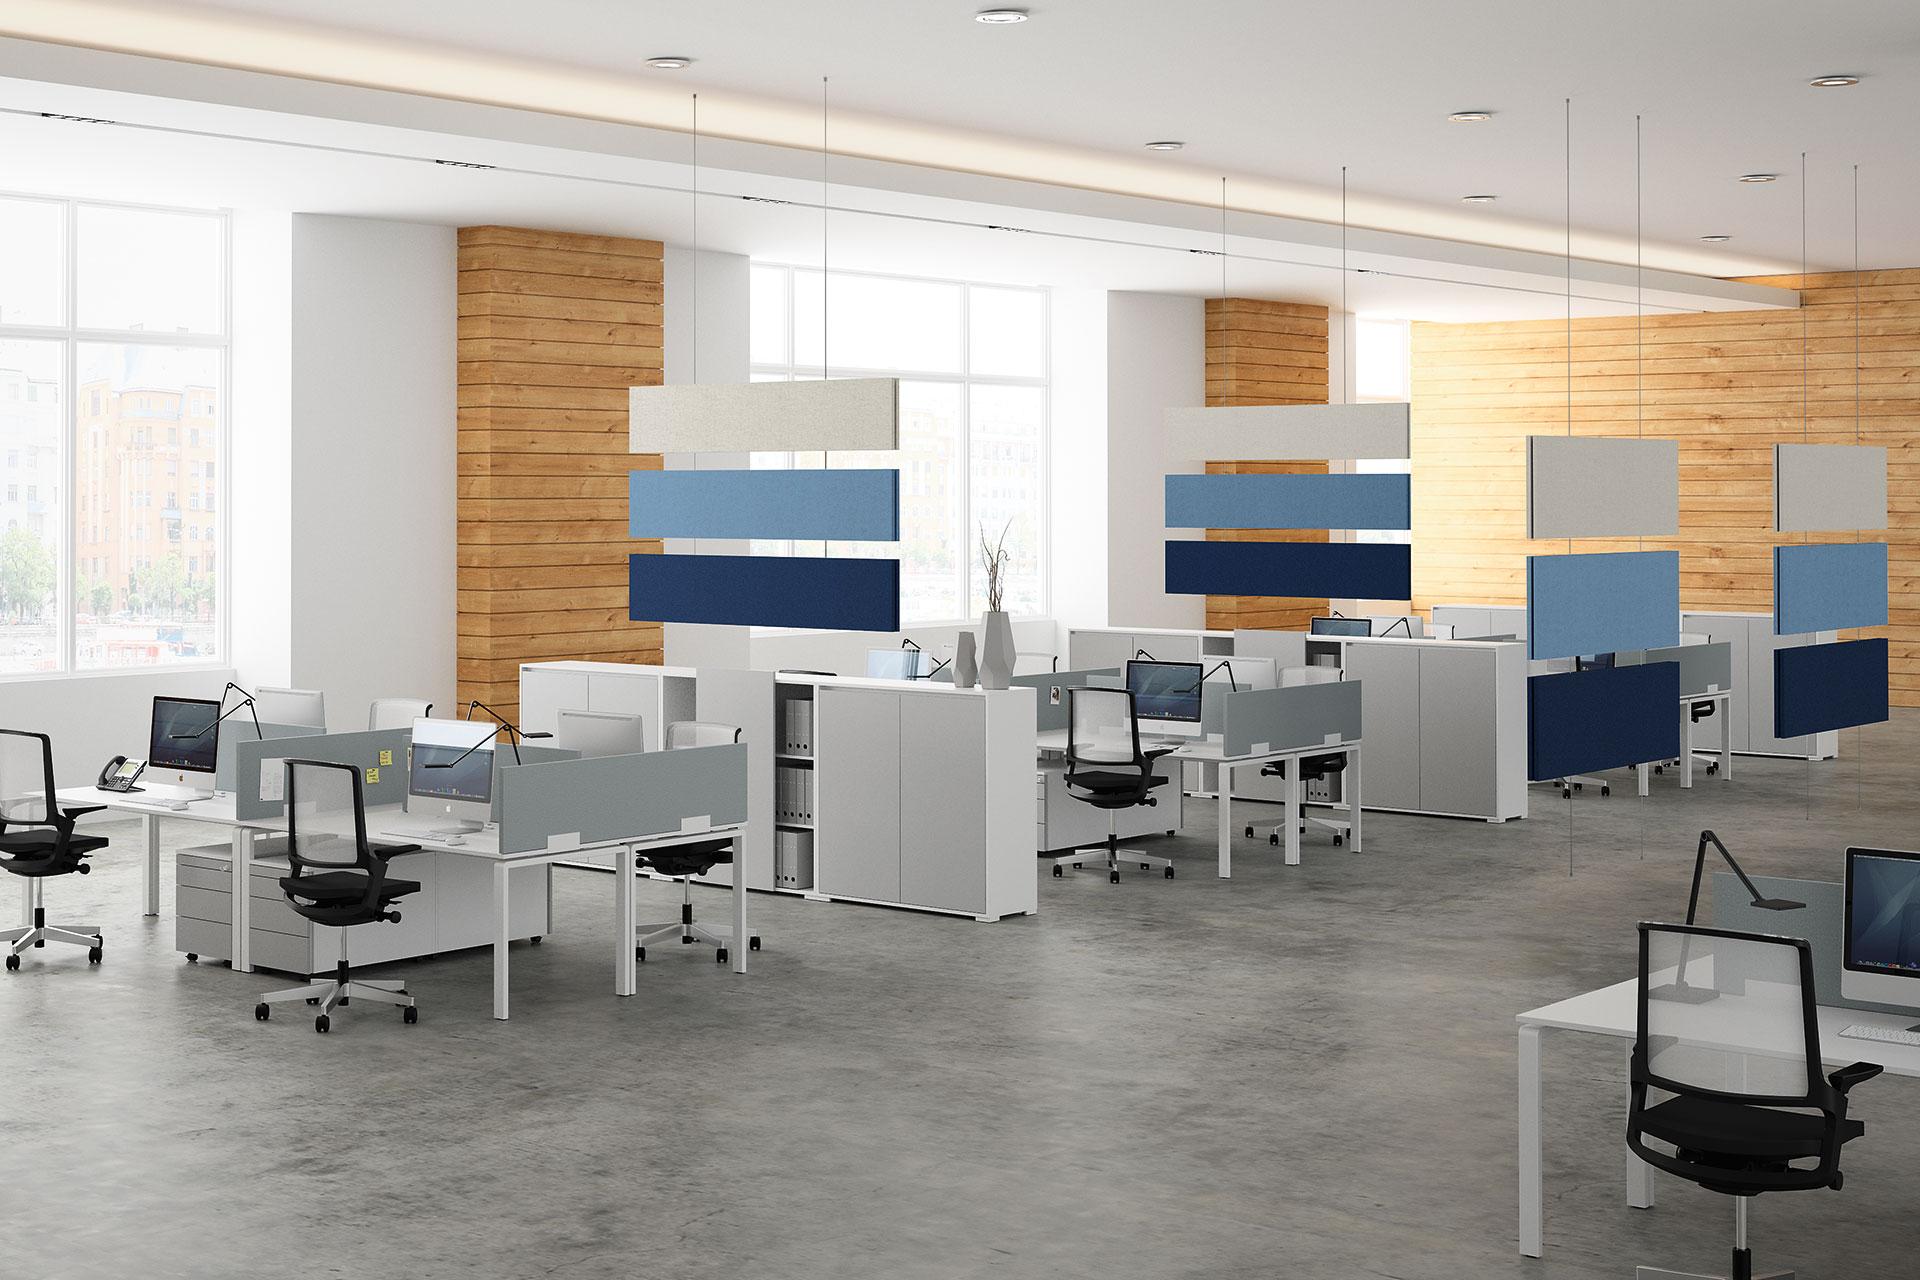 Dit is een kantoor met kantoormeubilair en baffels